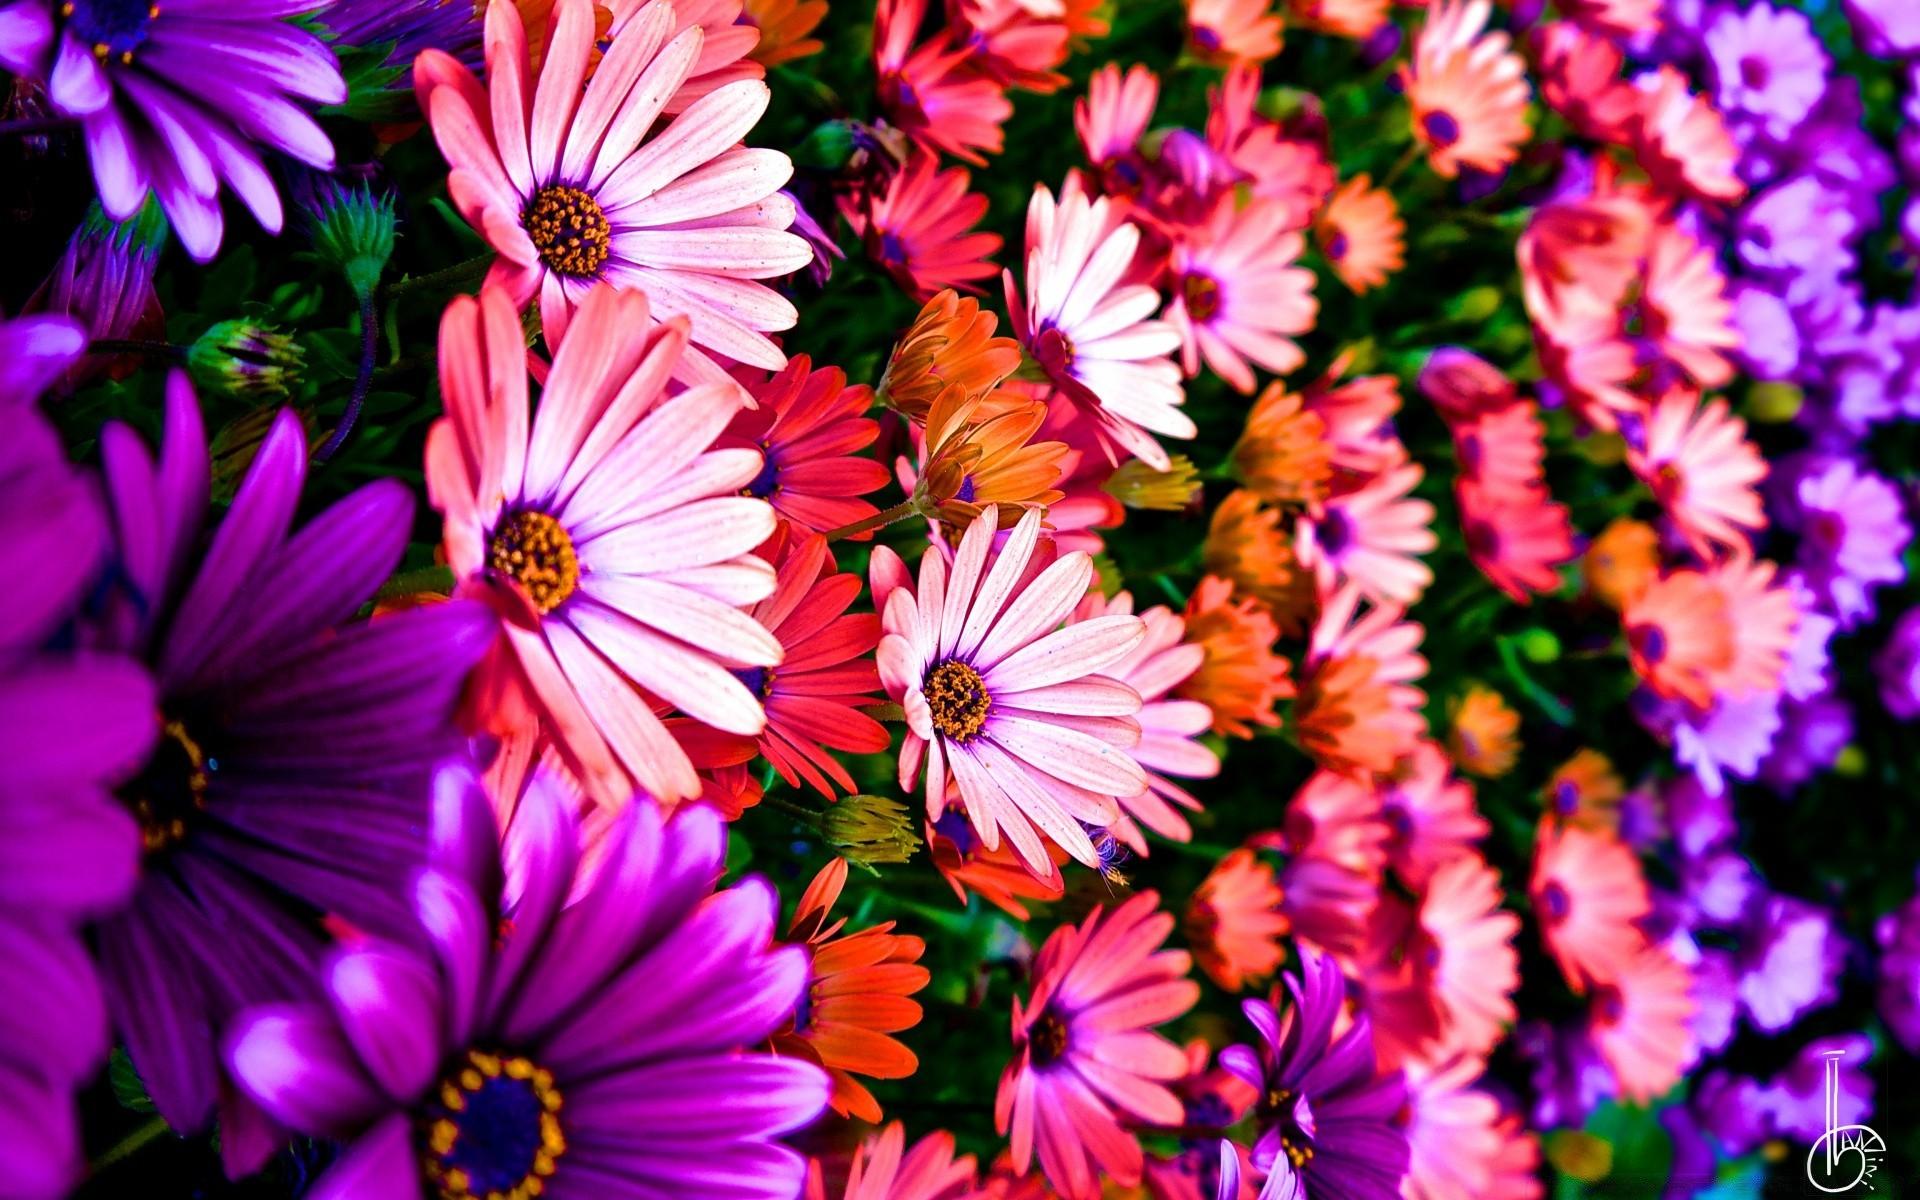 Фото цветов для рабочего стола на весь экран в хорошем качестве